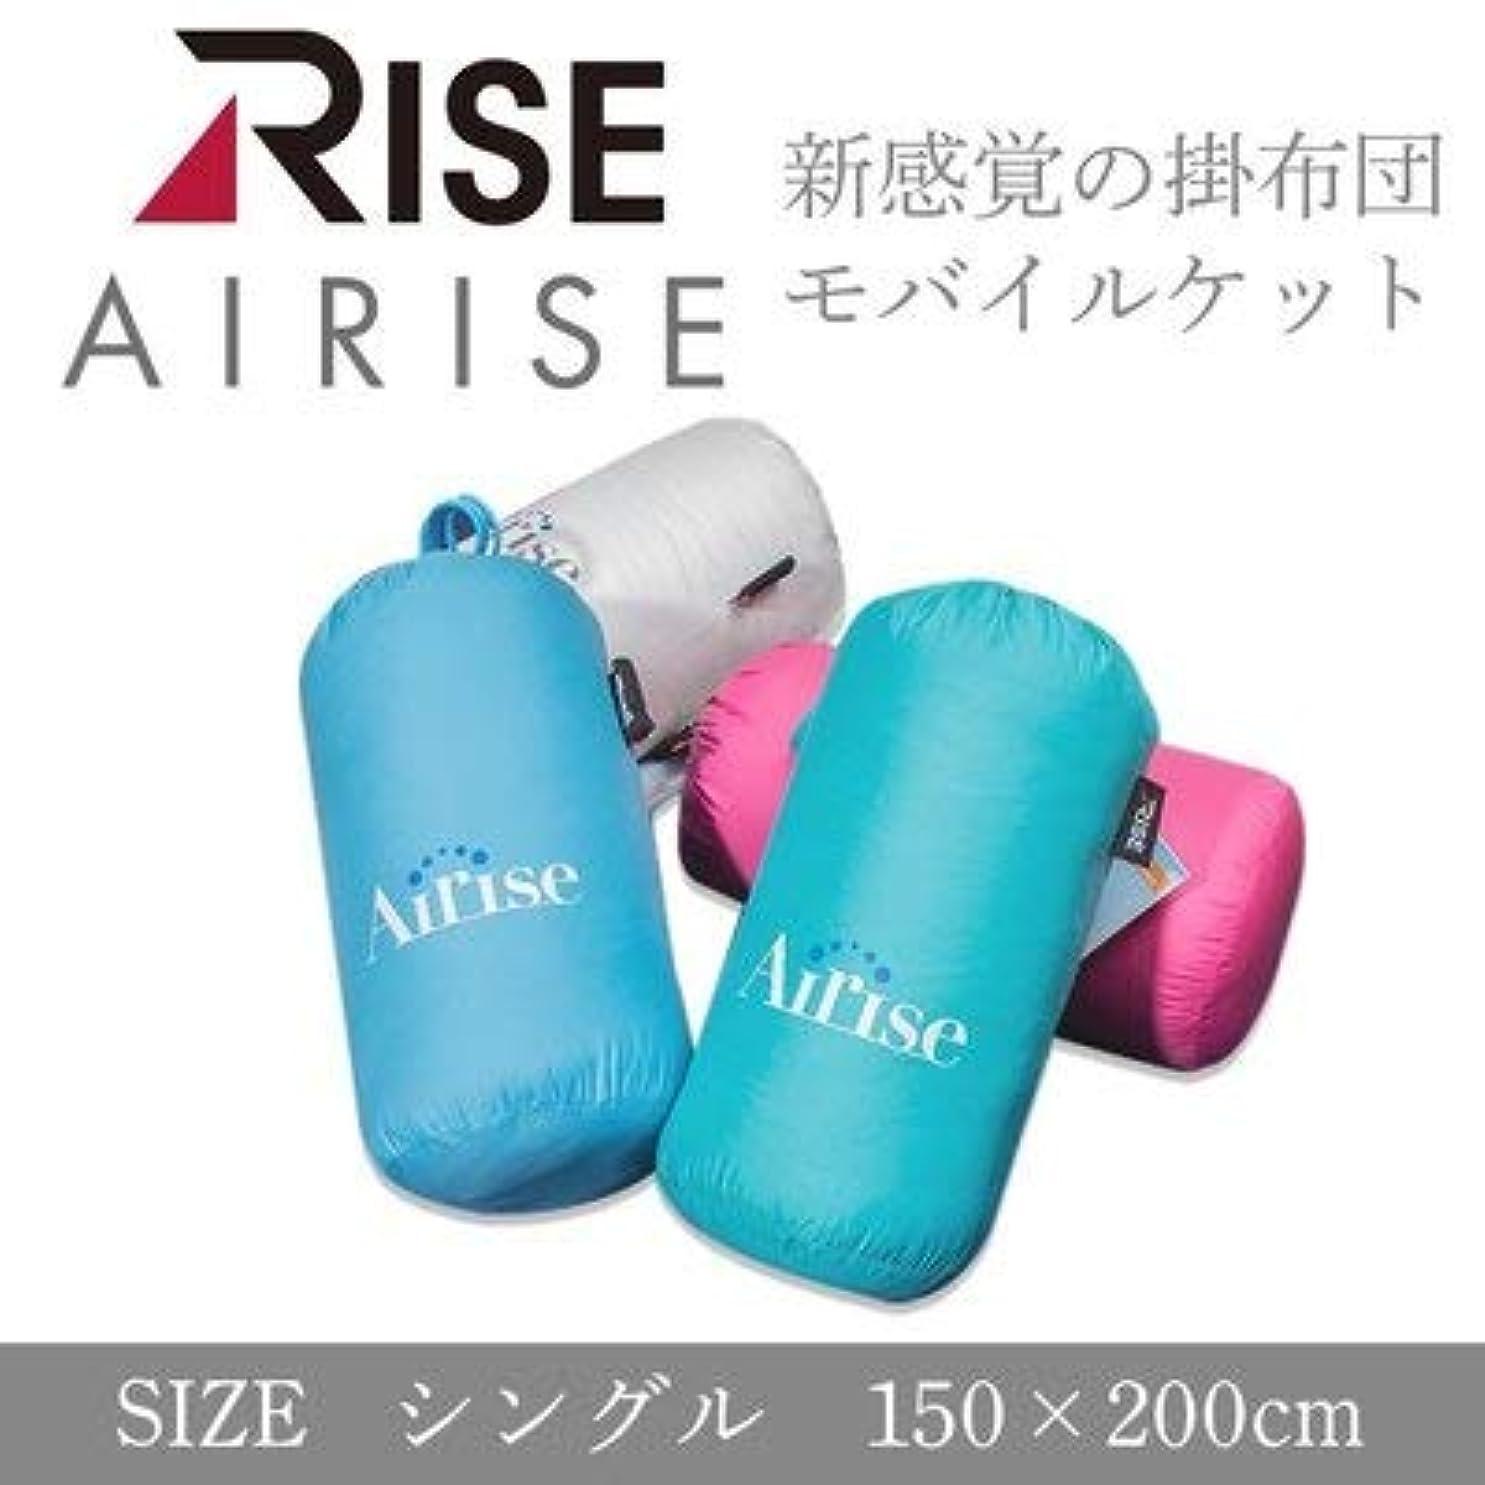 委託したがってエネルギーライズTokyo 掛け布団 シングル 羽毛布団 のように 軽く 丸洗い可能 AIRISE エアライズ 健康睡眠 寝具 ピンク